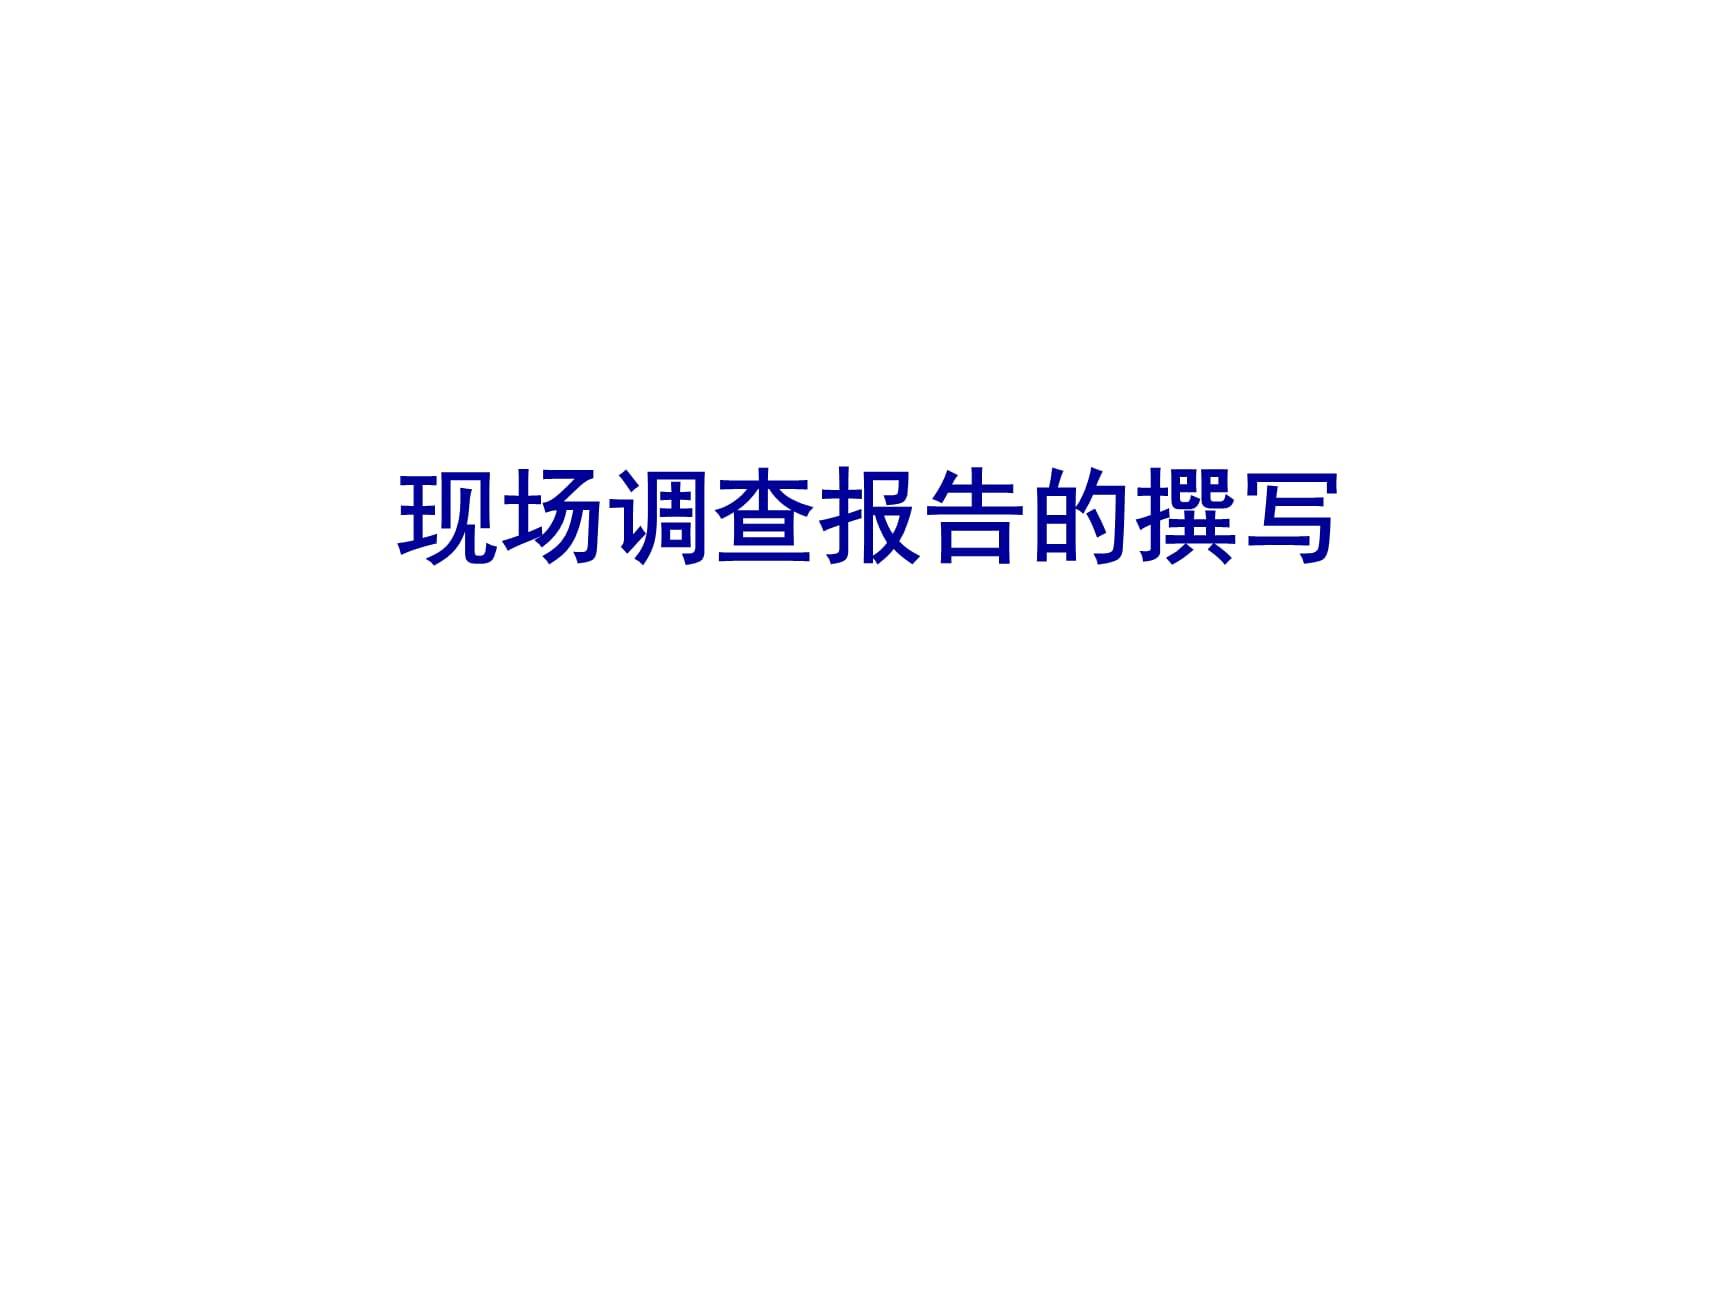 M陈恩富现场调查报告撰写期.ppt